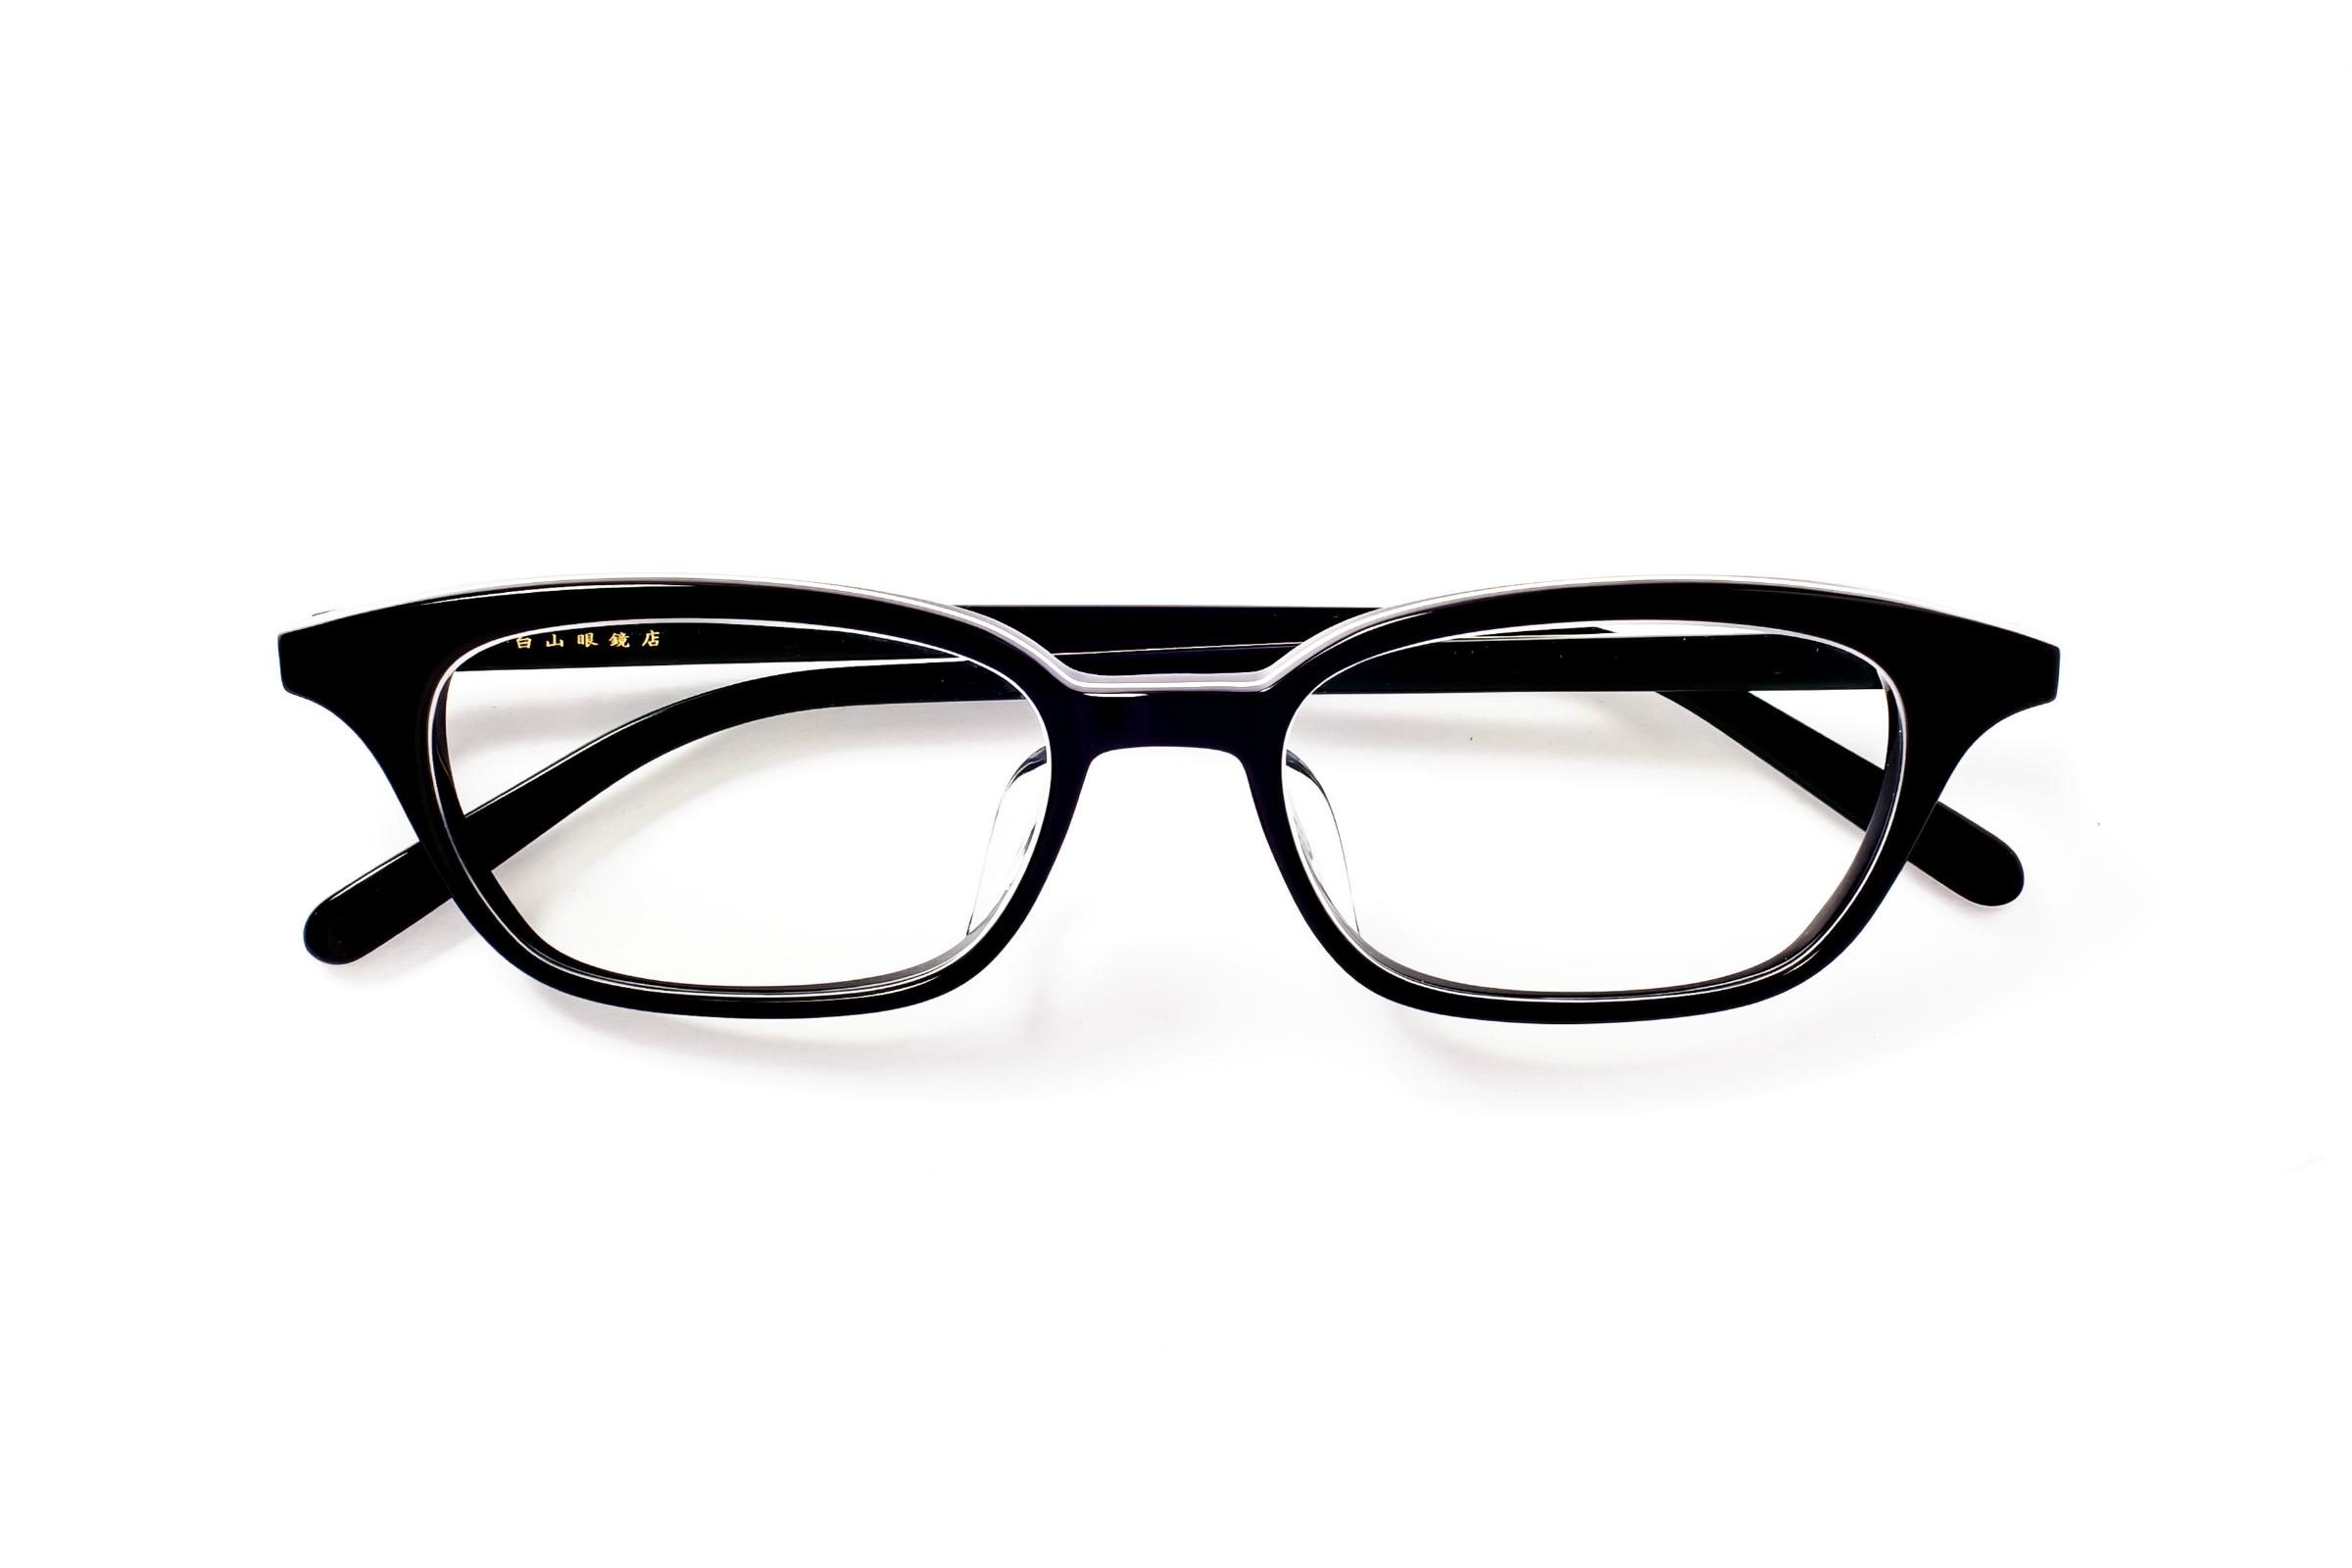 どこにする?おすすめの眼鏡店をランキング形式でご紹介します!のサムネイル画像